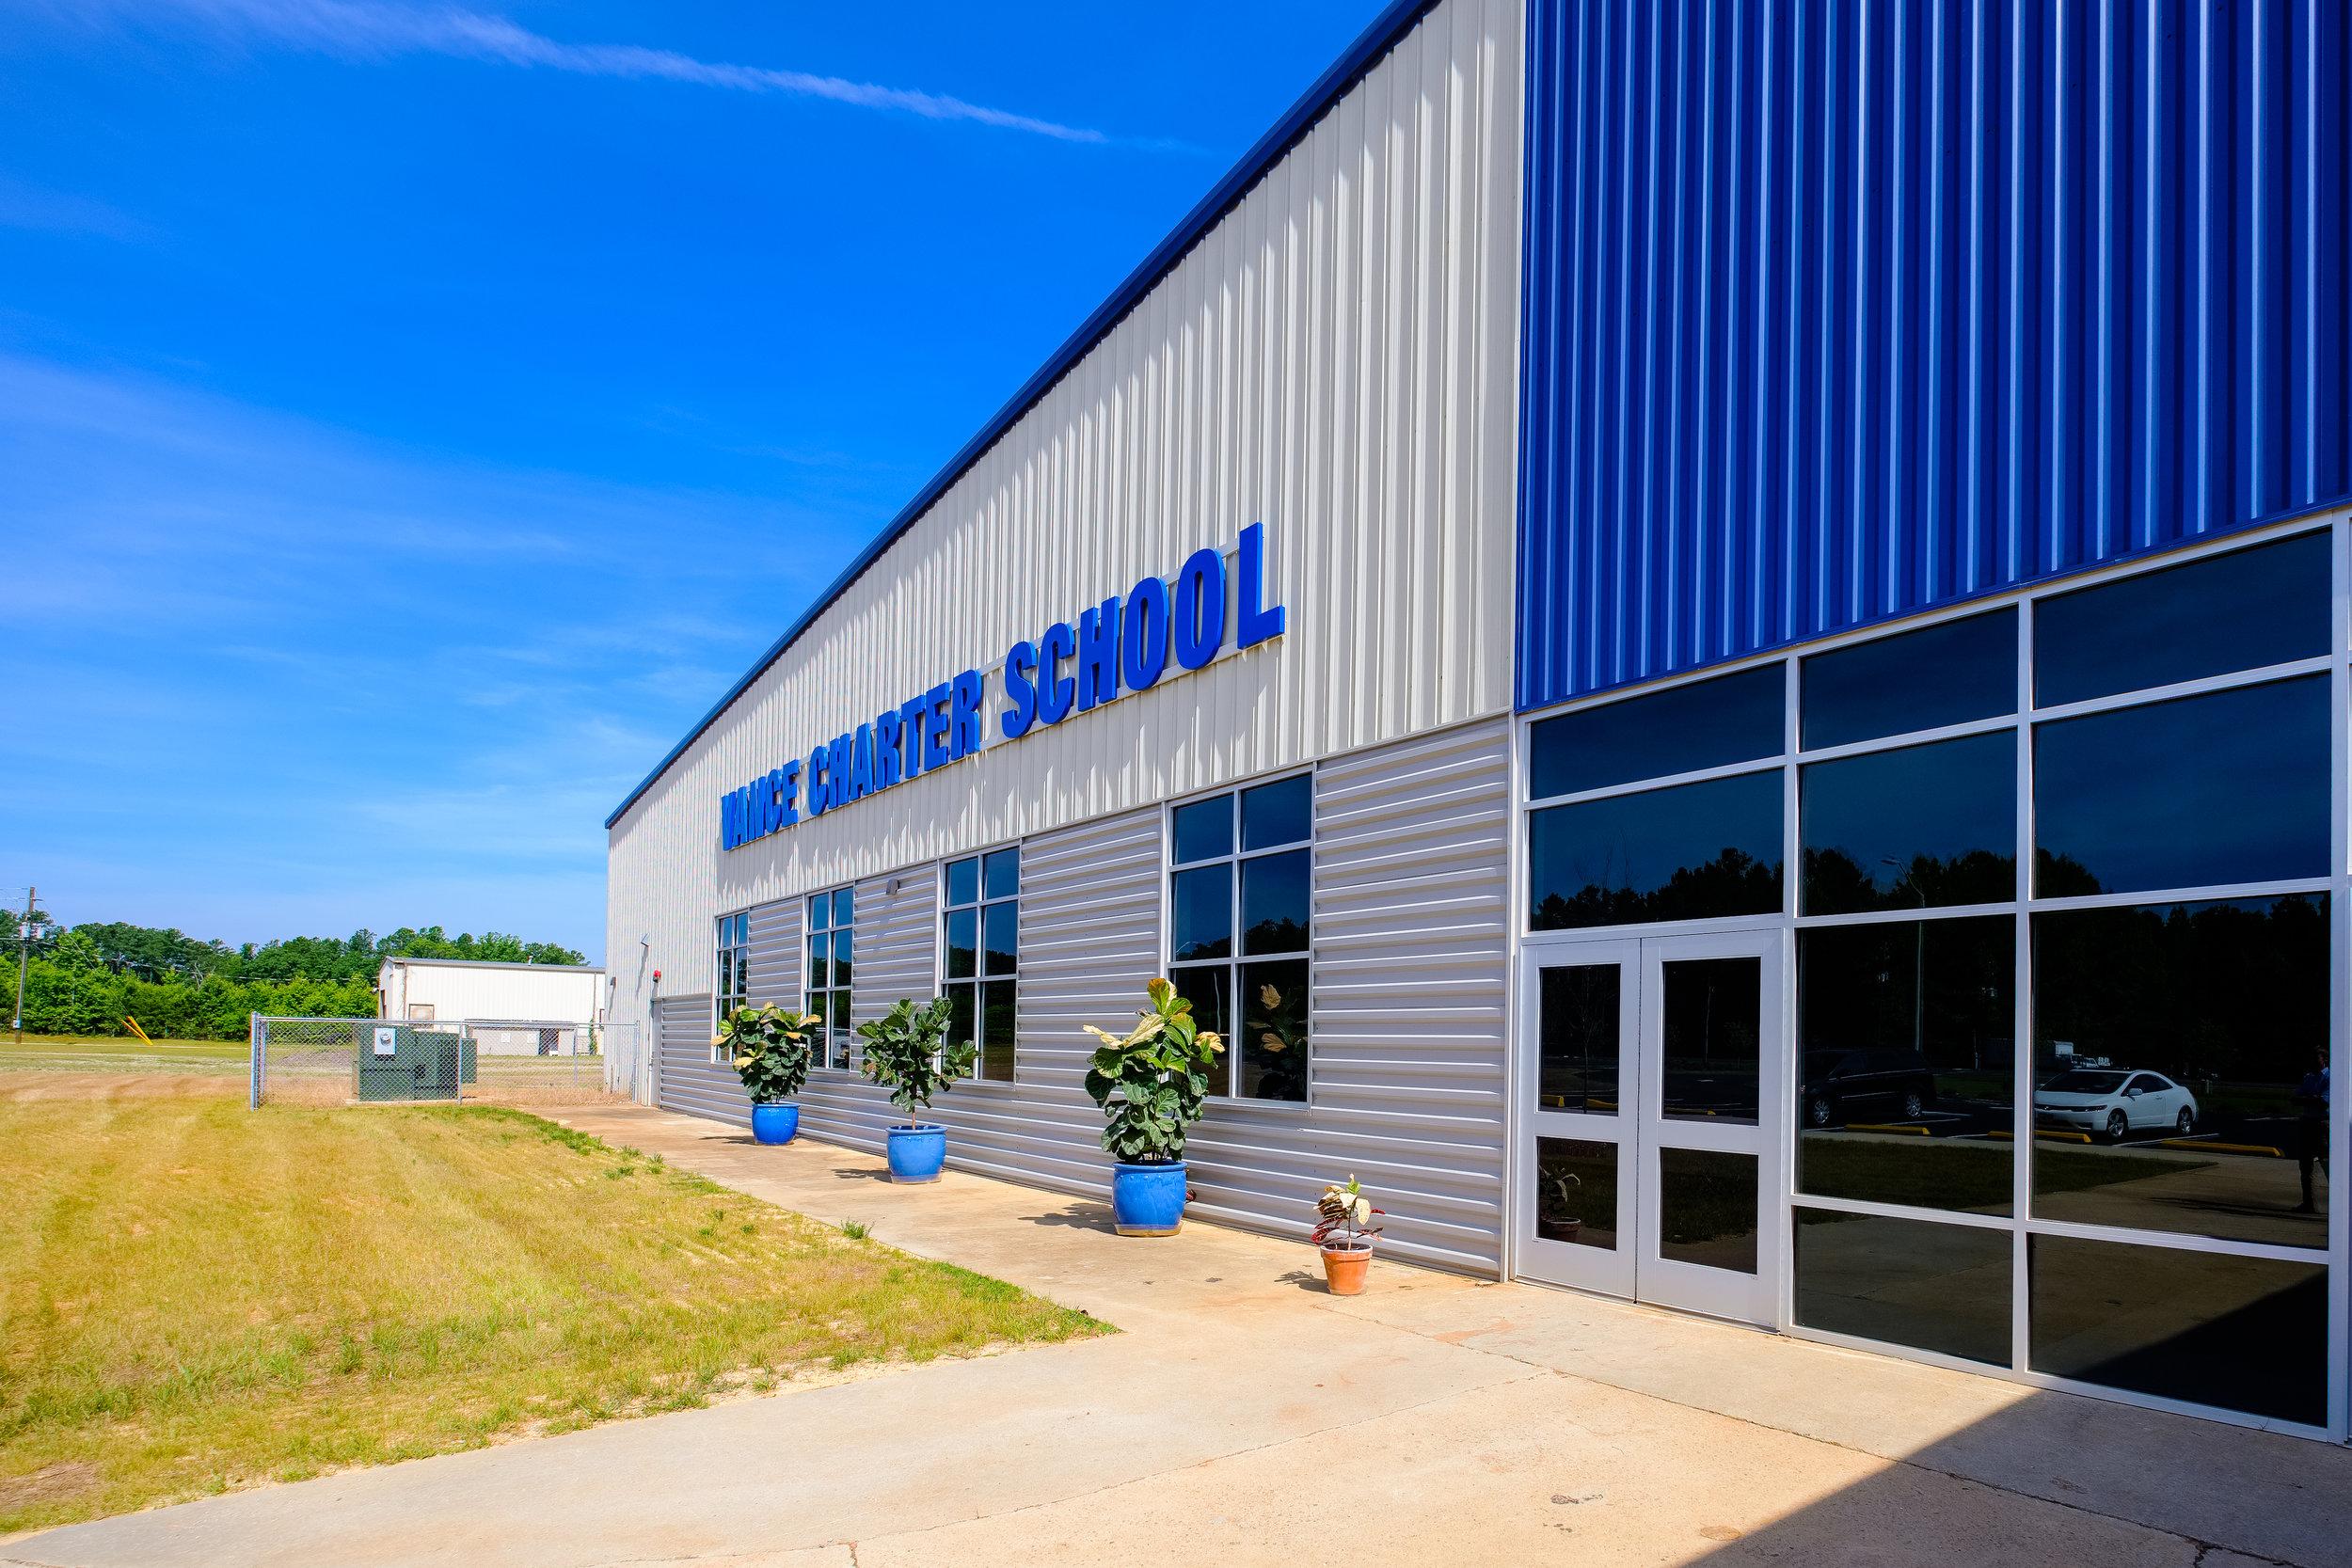 Vance Charter School Interior (7 of 9).JPG